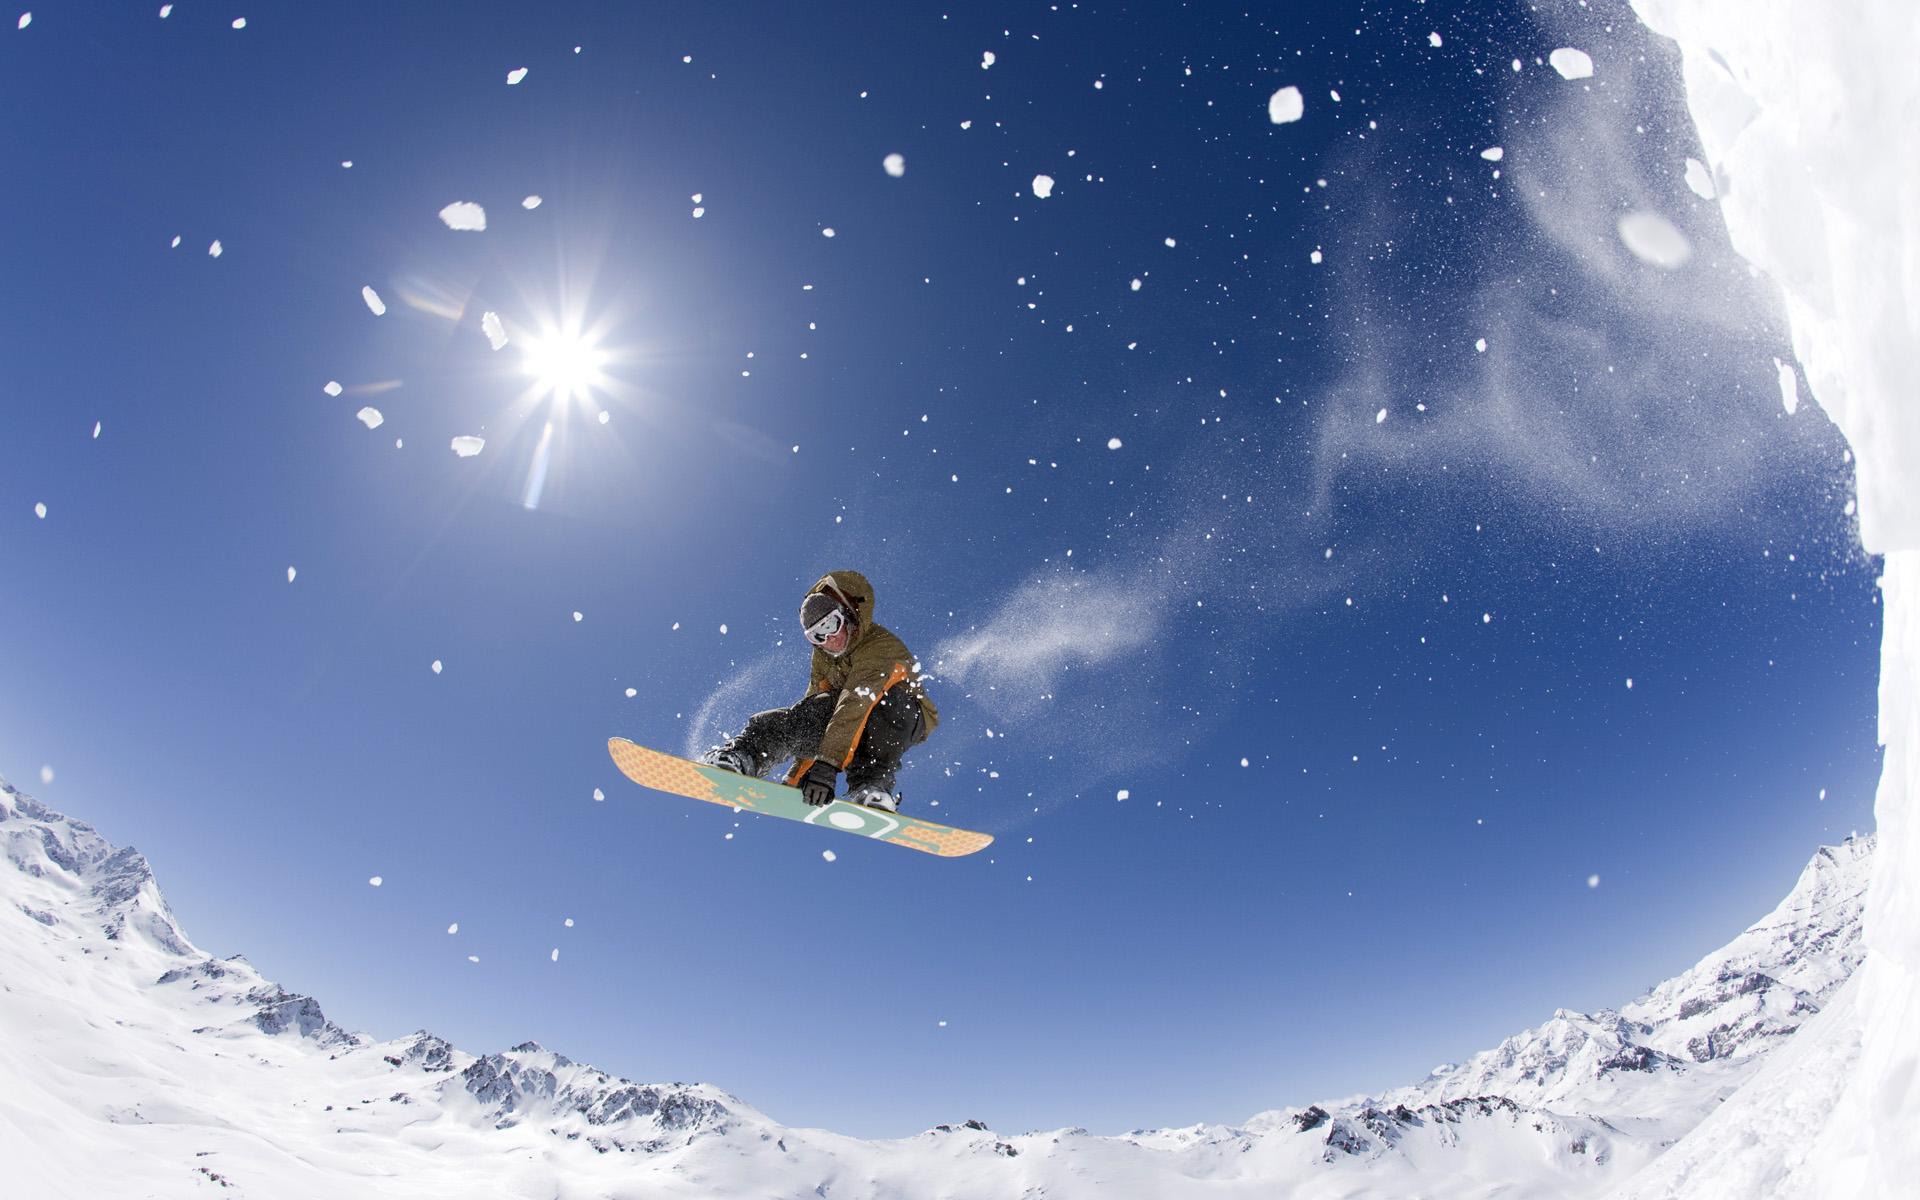 Экстремальный зимний спорт